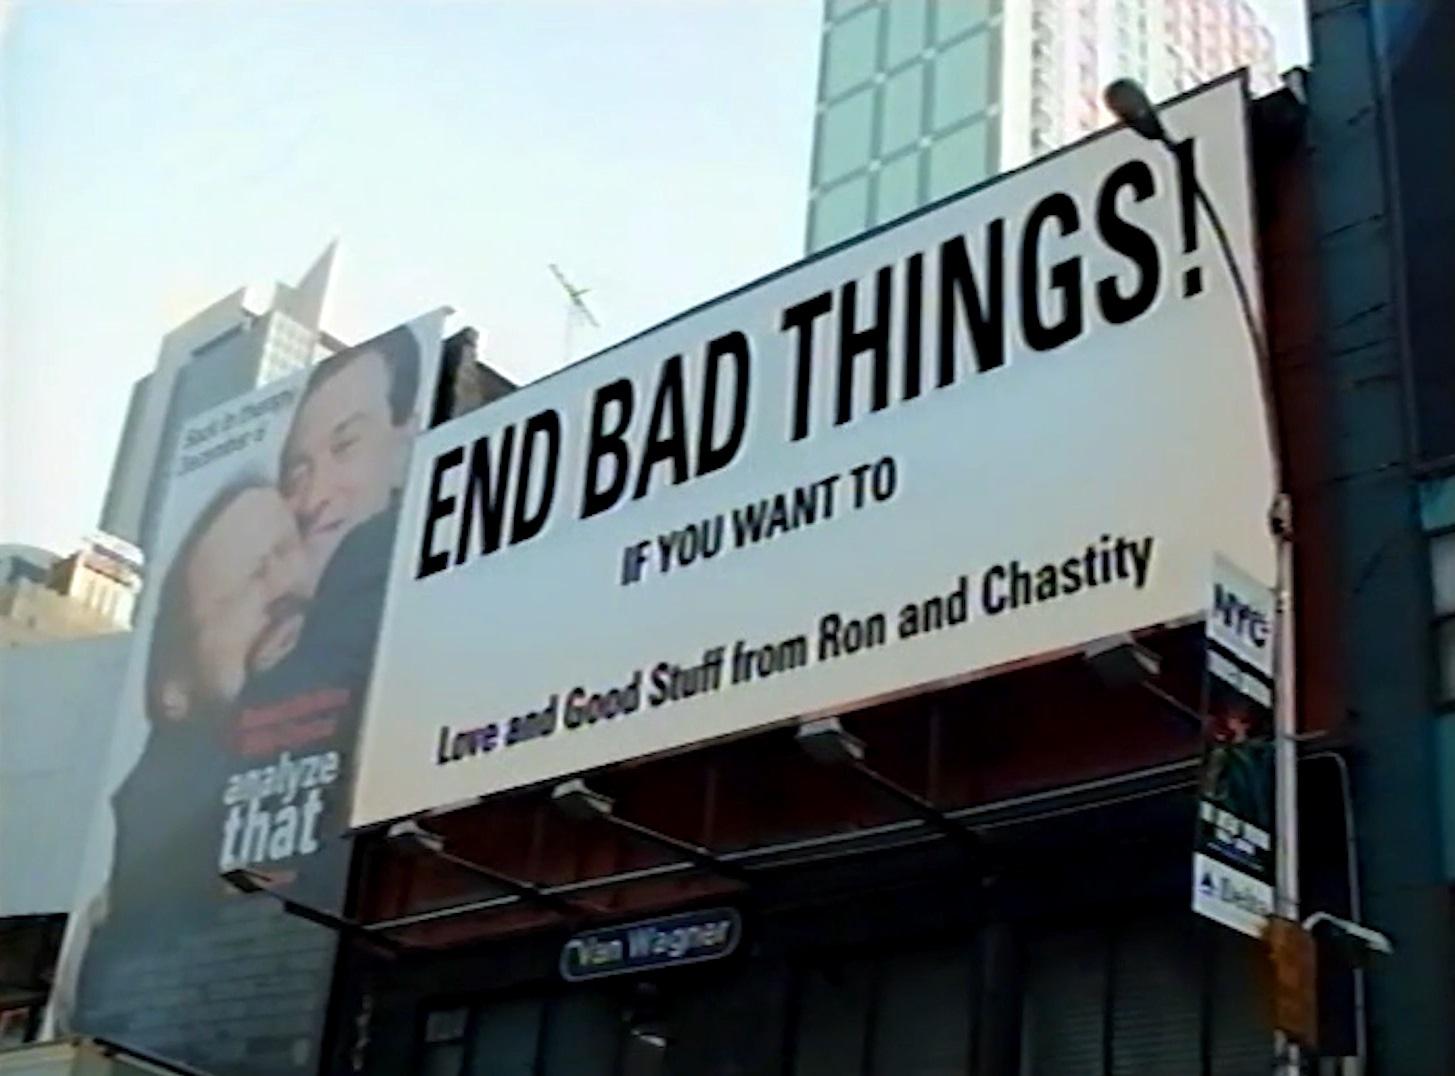 File:END BAD THINGS!.jpg